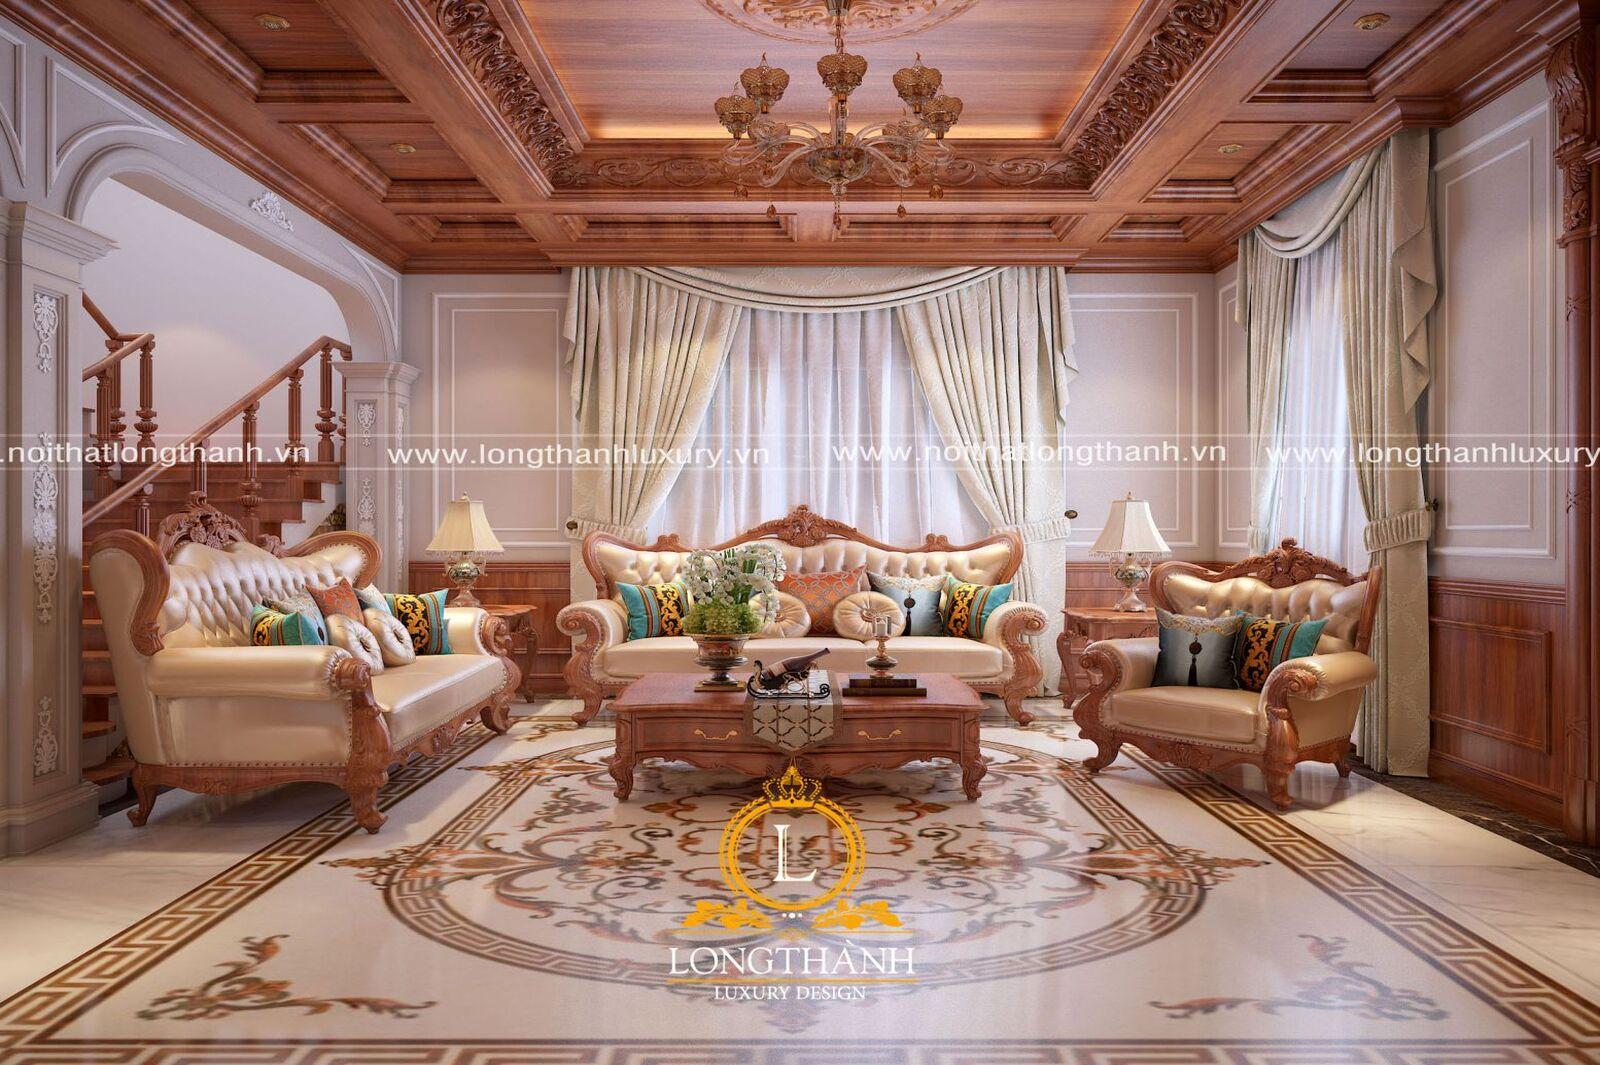 Rung động với những mẫu thiết kế nội thất nhà phố đẹp mê hoặc